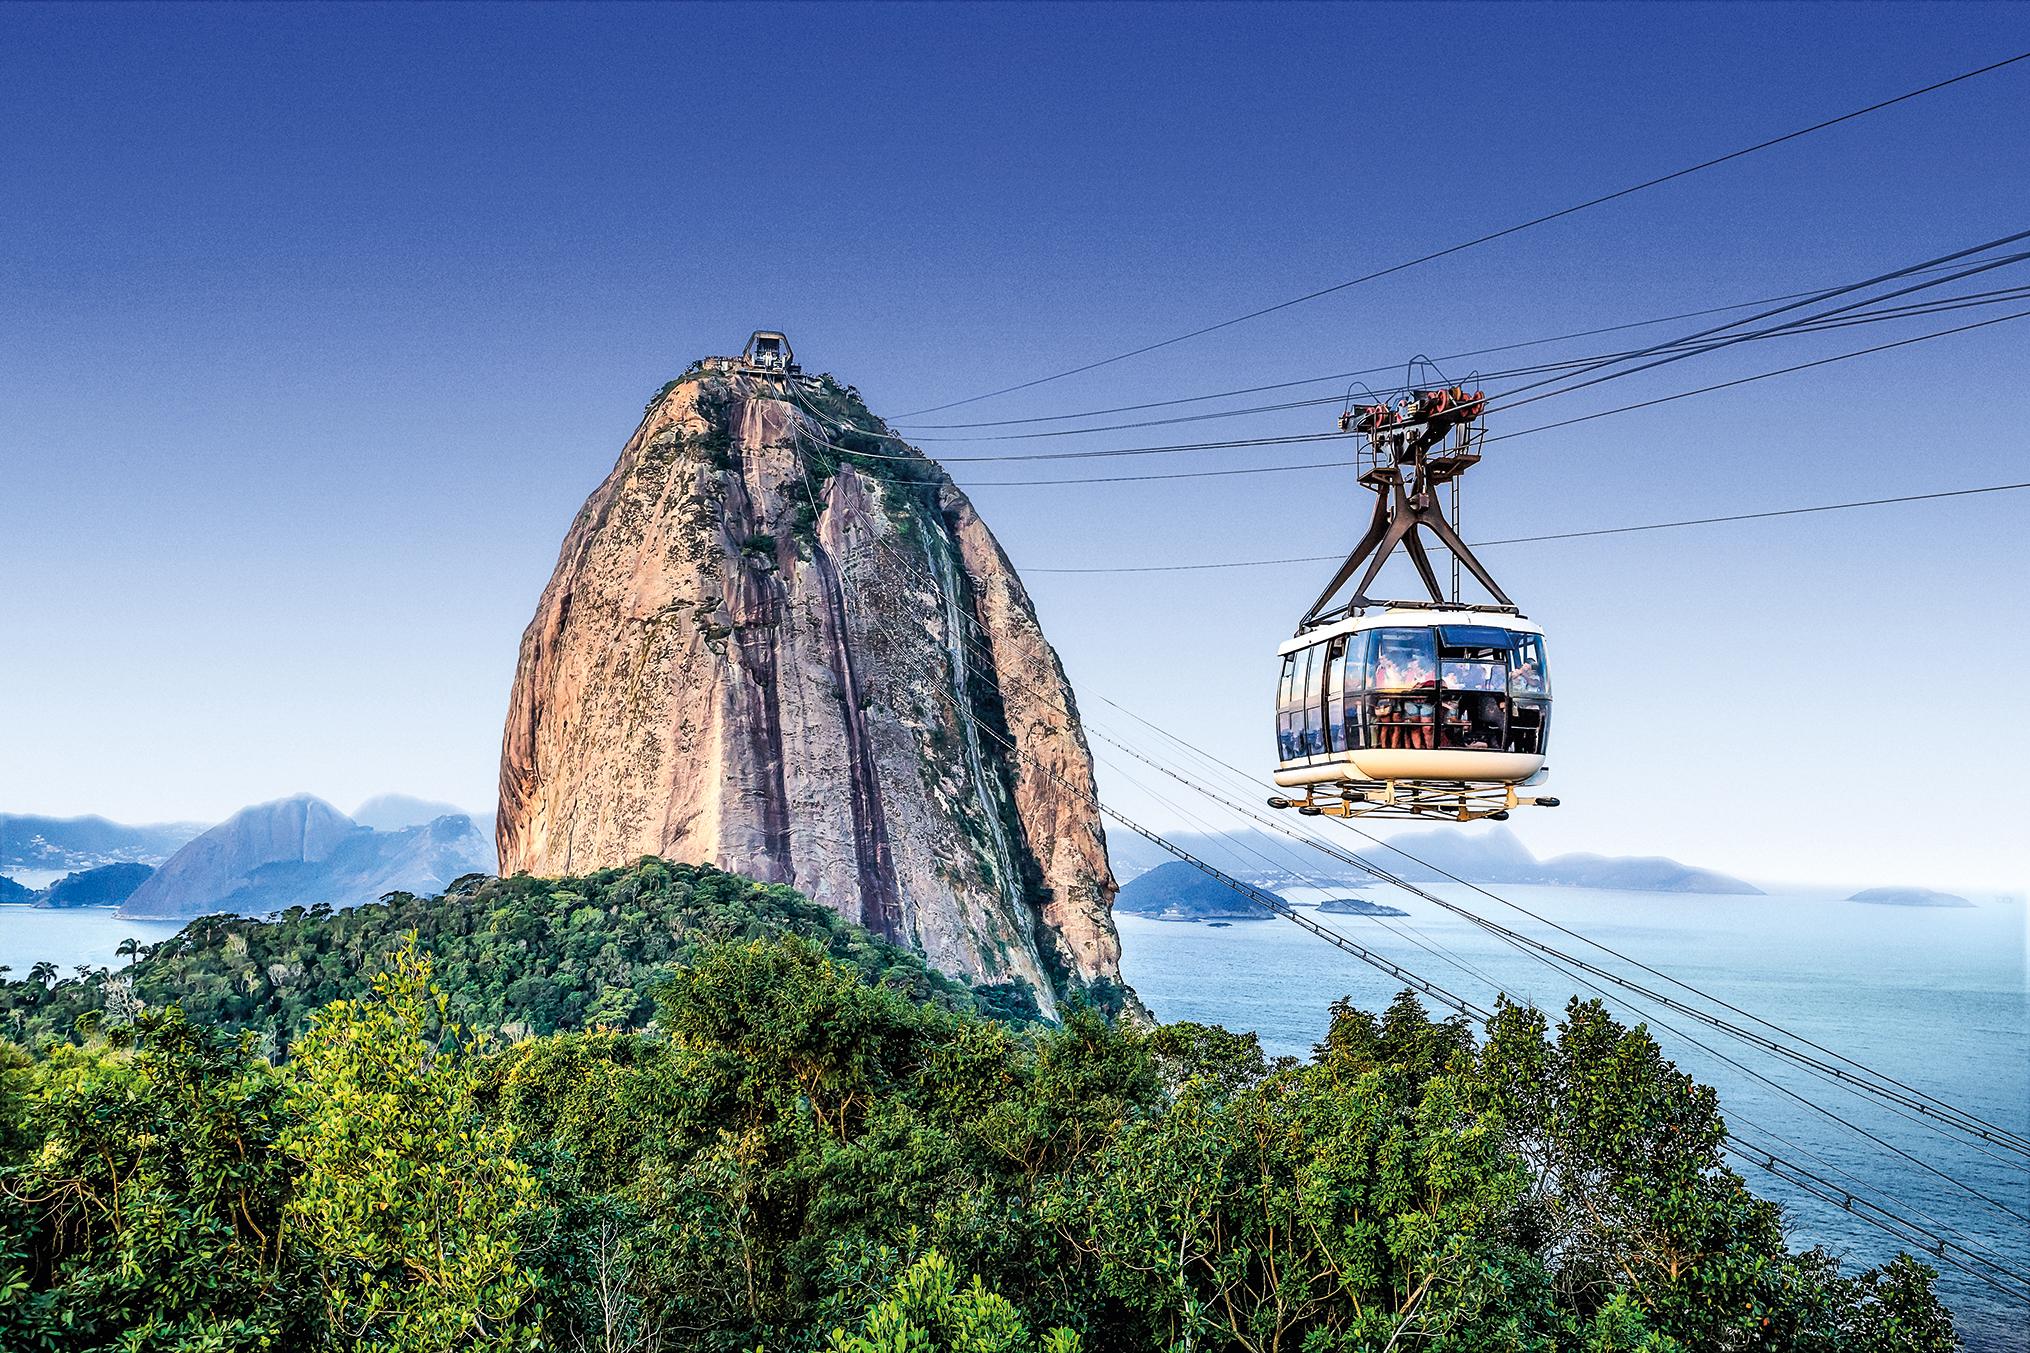 Rio 456 anos: Bondinho Pão de Açúcar dá desconto de 60% para cariocas |  VEJA RIO